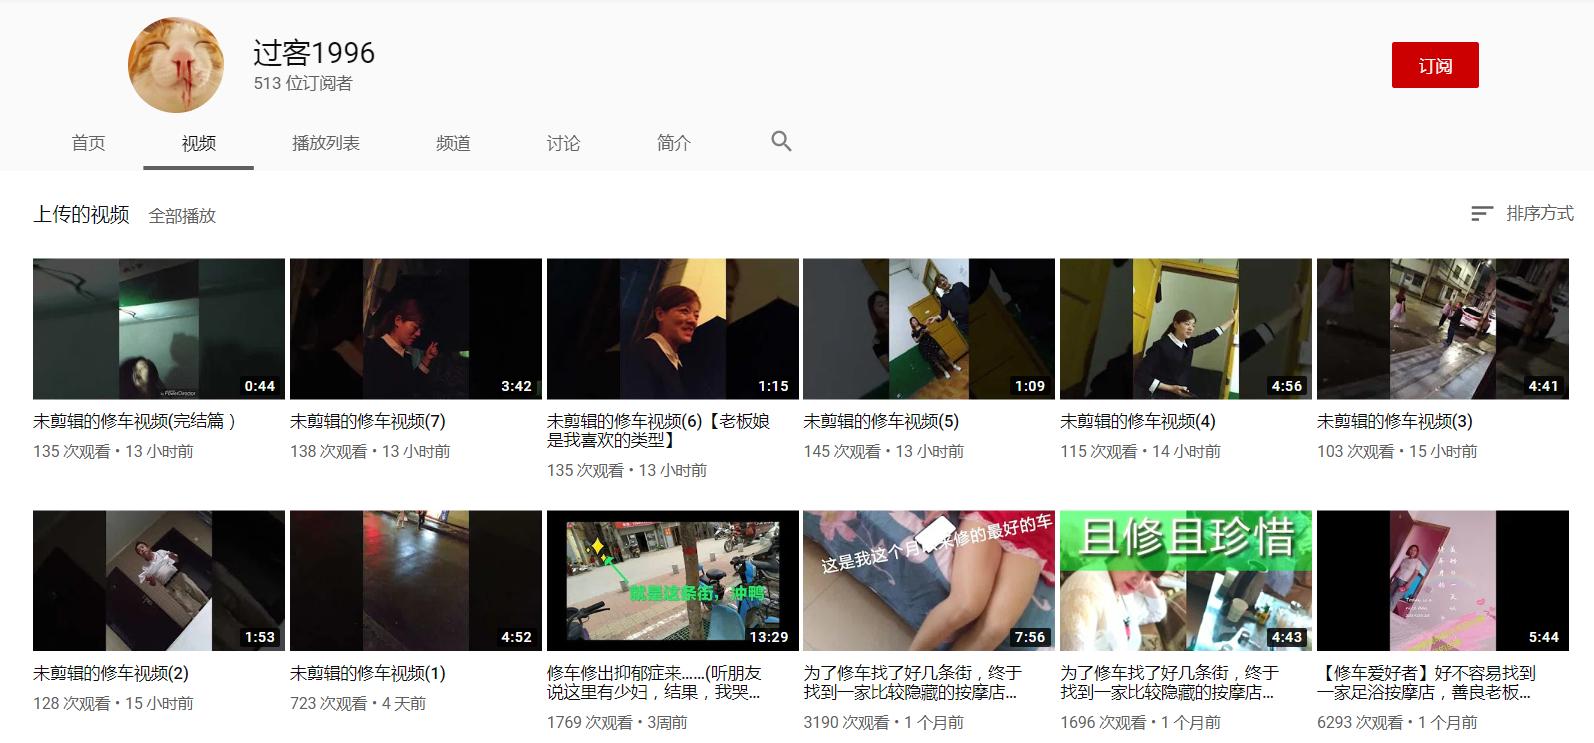 """新增油管老司机修车视频2个""""过客1996""""、""""Orange Leo"""""""